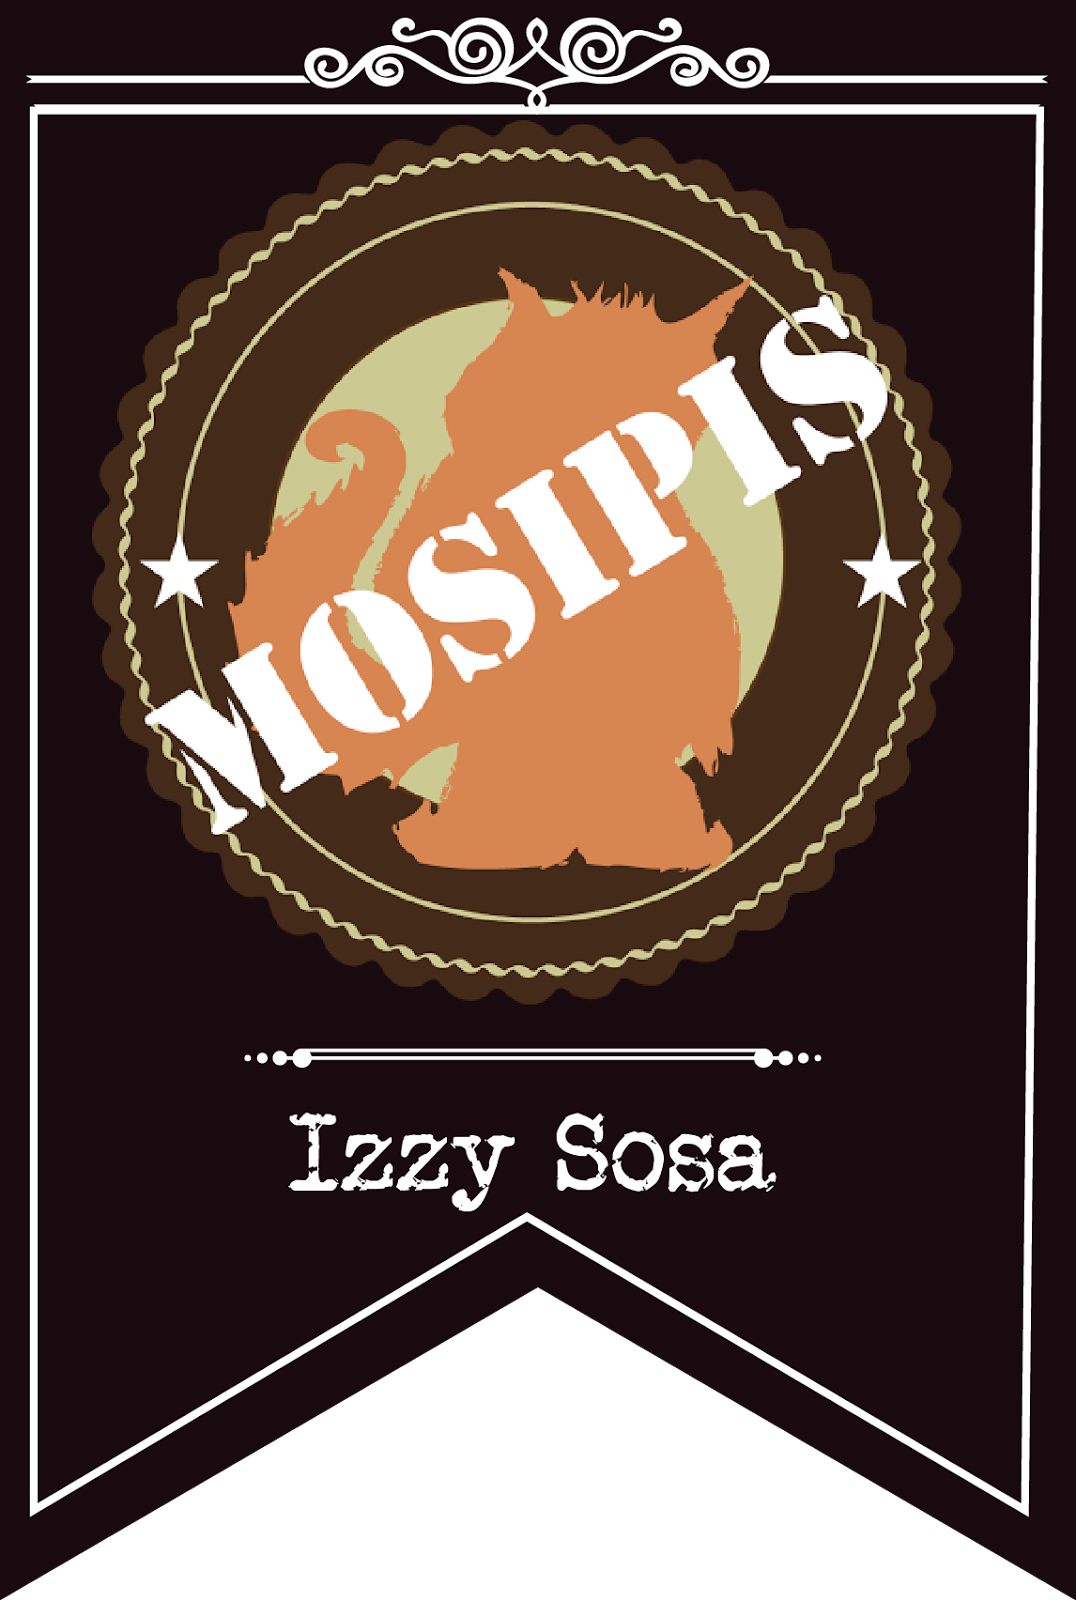 Mosipis